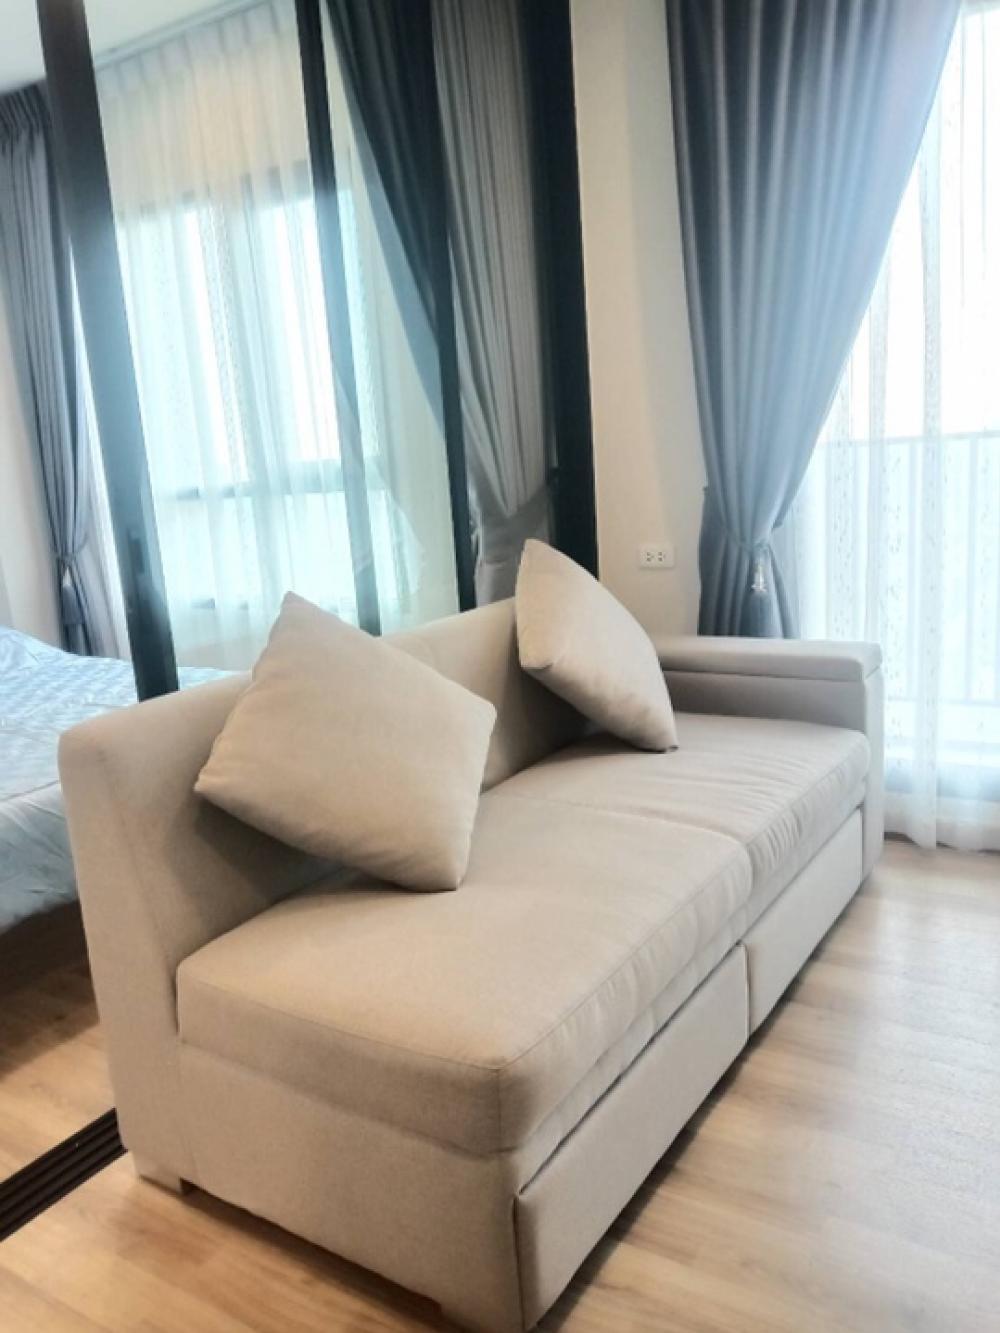 เช่าคอนโดบางนา แบริ่ง : FOR RENT Condo Niche Mono Sukhumvit Bearing Close BTS Bearing 250 meter ให้เช่าคอนโดนิชโมโน สุขุมวิท แบริ่งใกล้บีทีเอสแบริ่ง 250 เมตรTHB 11,900New Room All new furniture Fully furnished and electric appliances Ready to move in Size 31 Sq.m 32 th Floor 1 B